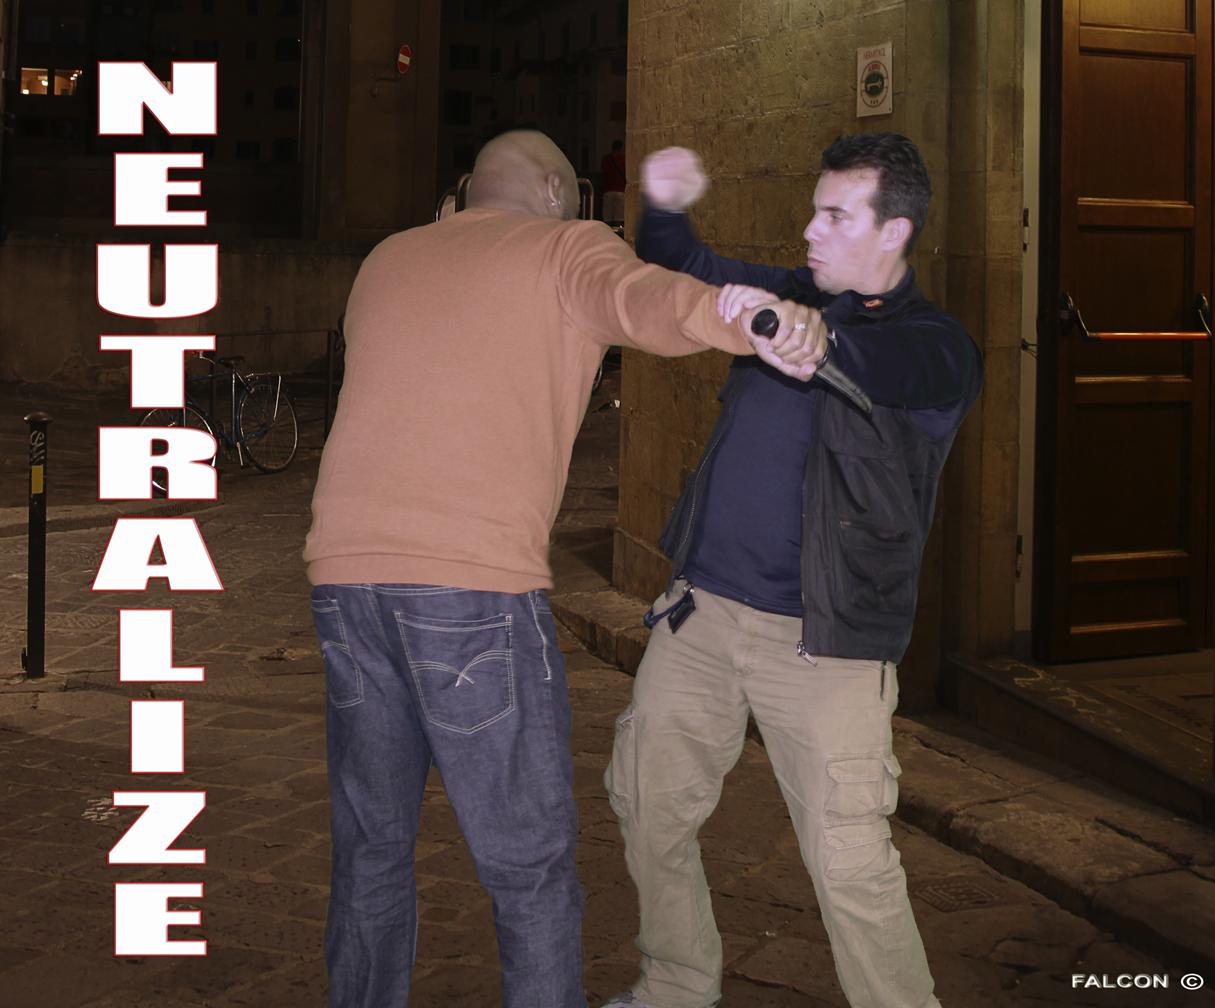 Neutralize